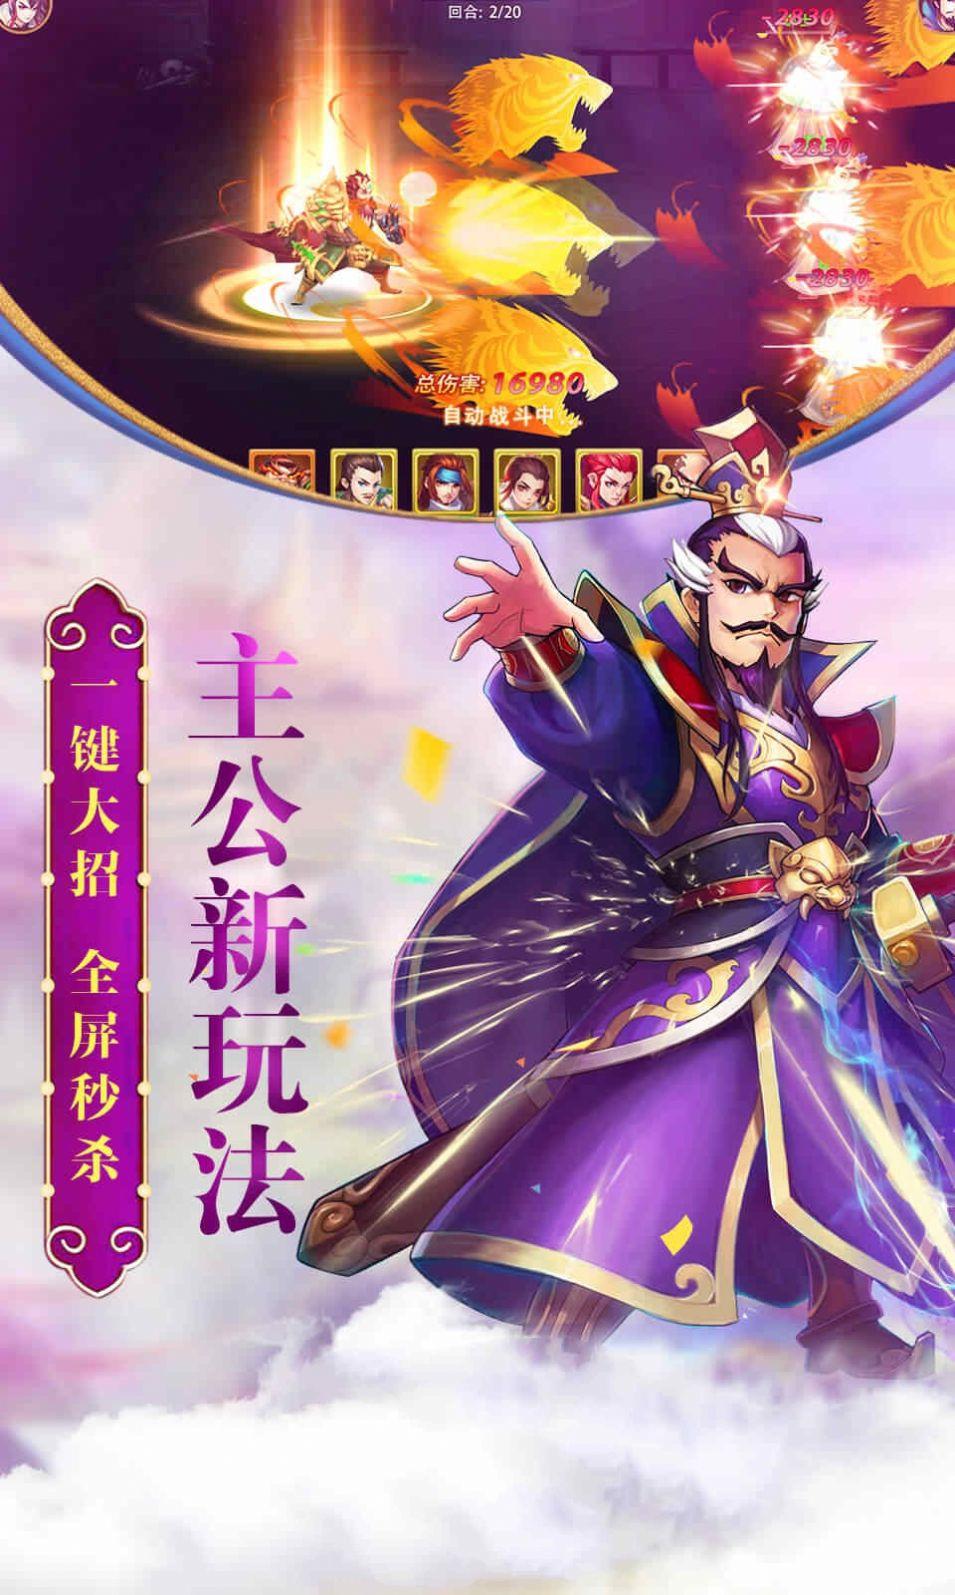 神剑三国官方版特色图片